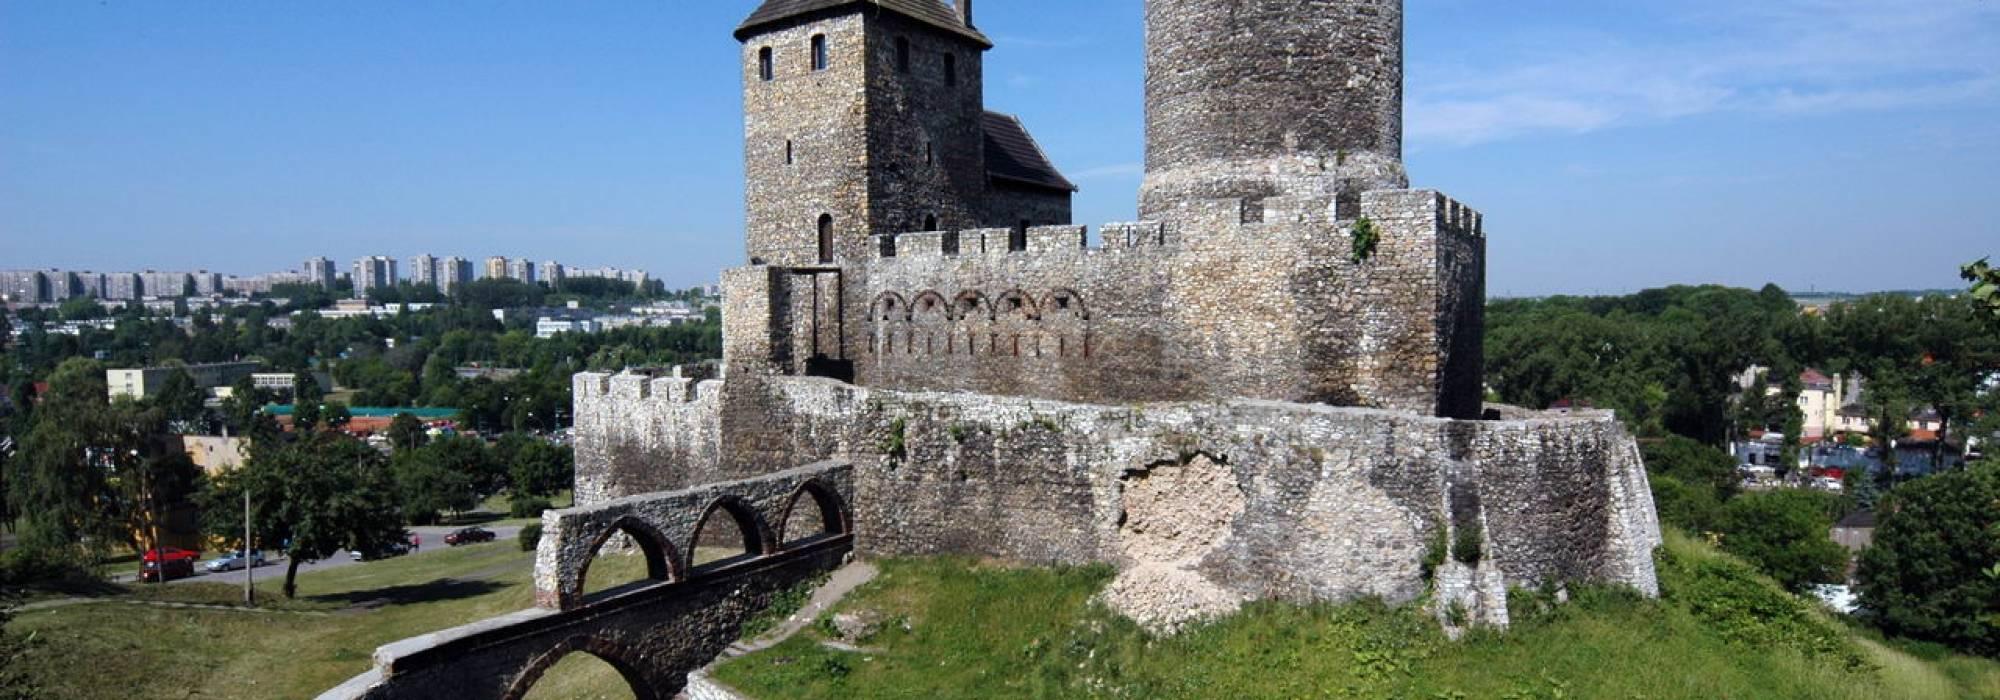 Voivodato Della Slesia Polonia castello di bedzin in polonia - voivodato della slesia